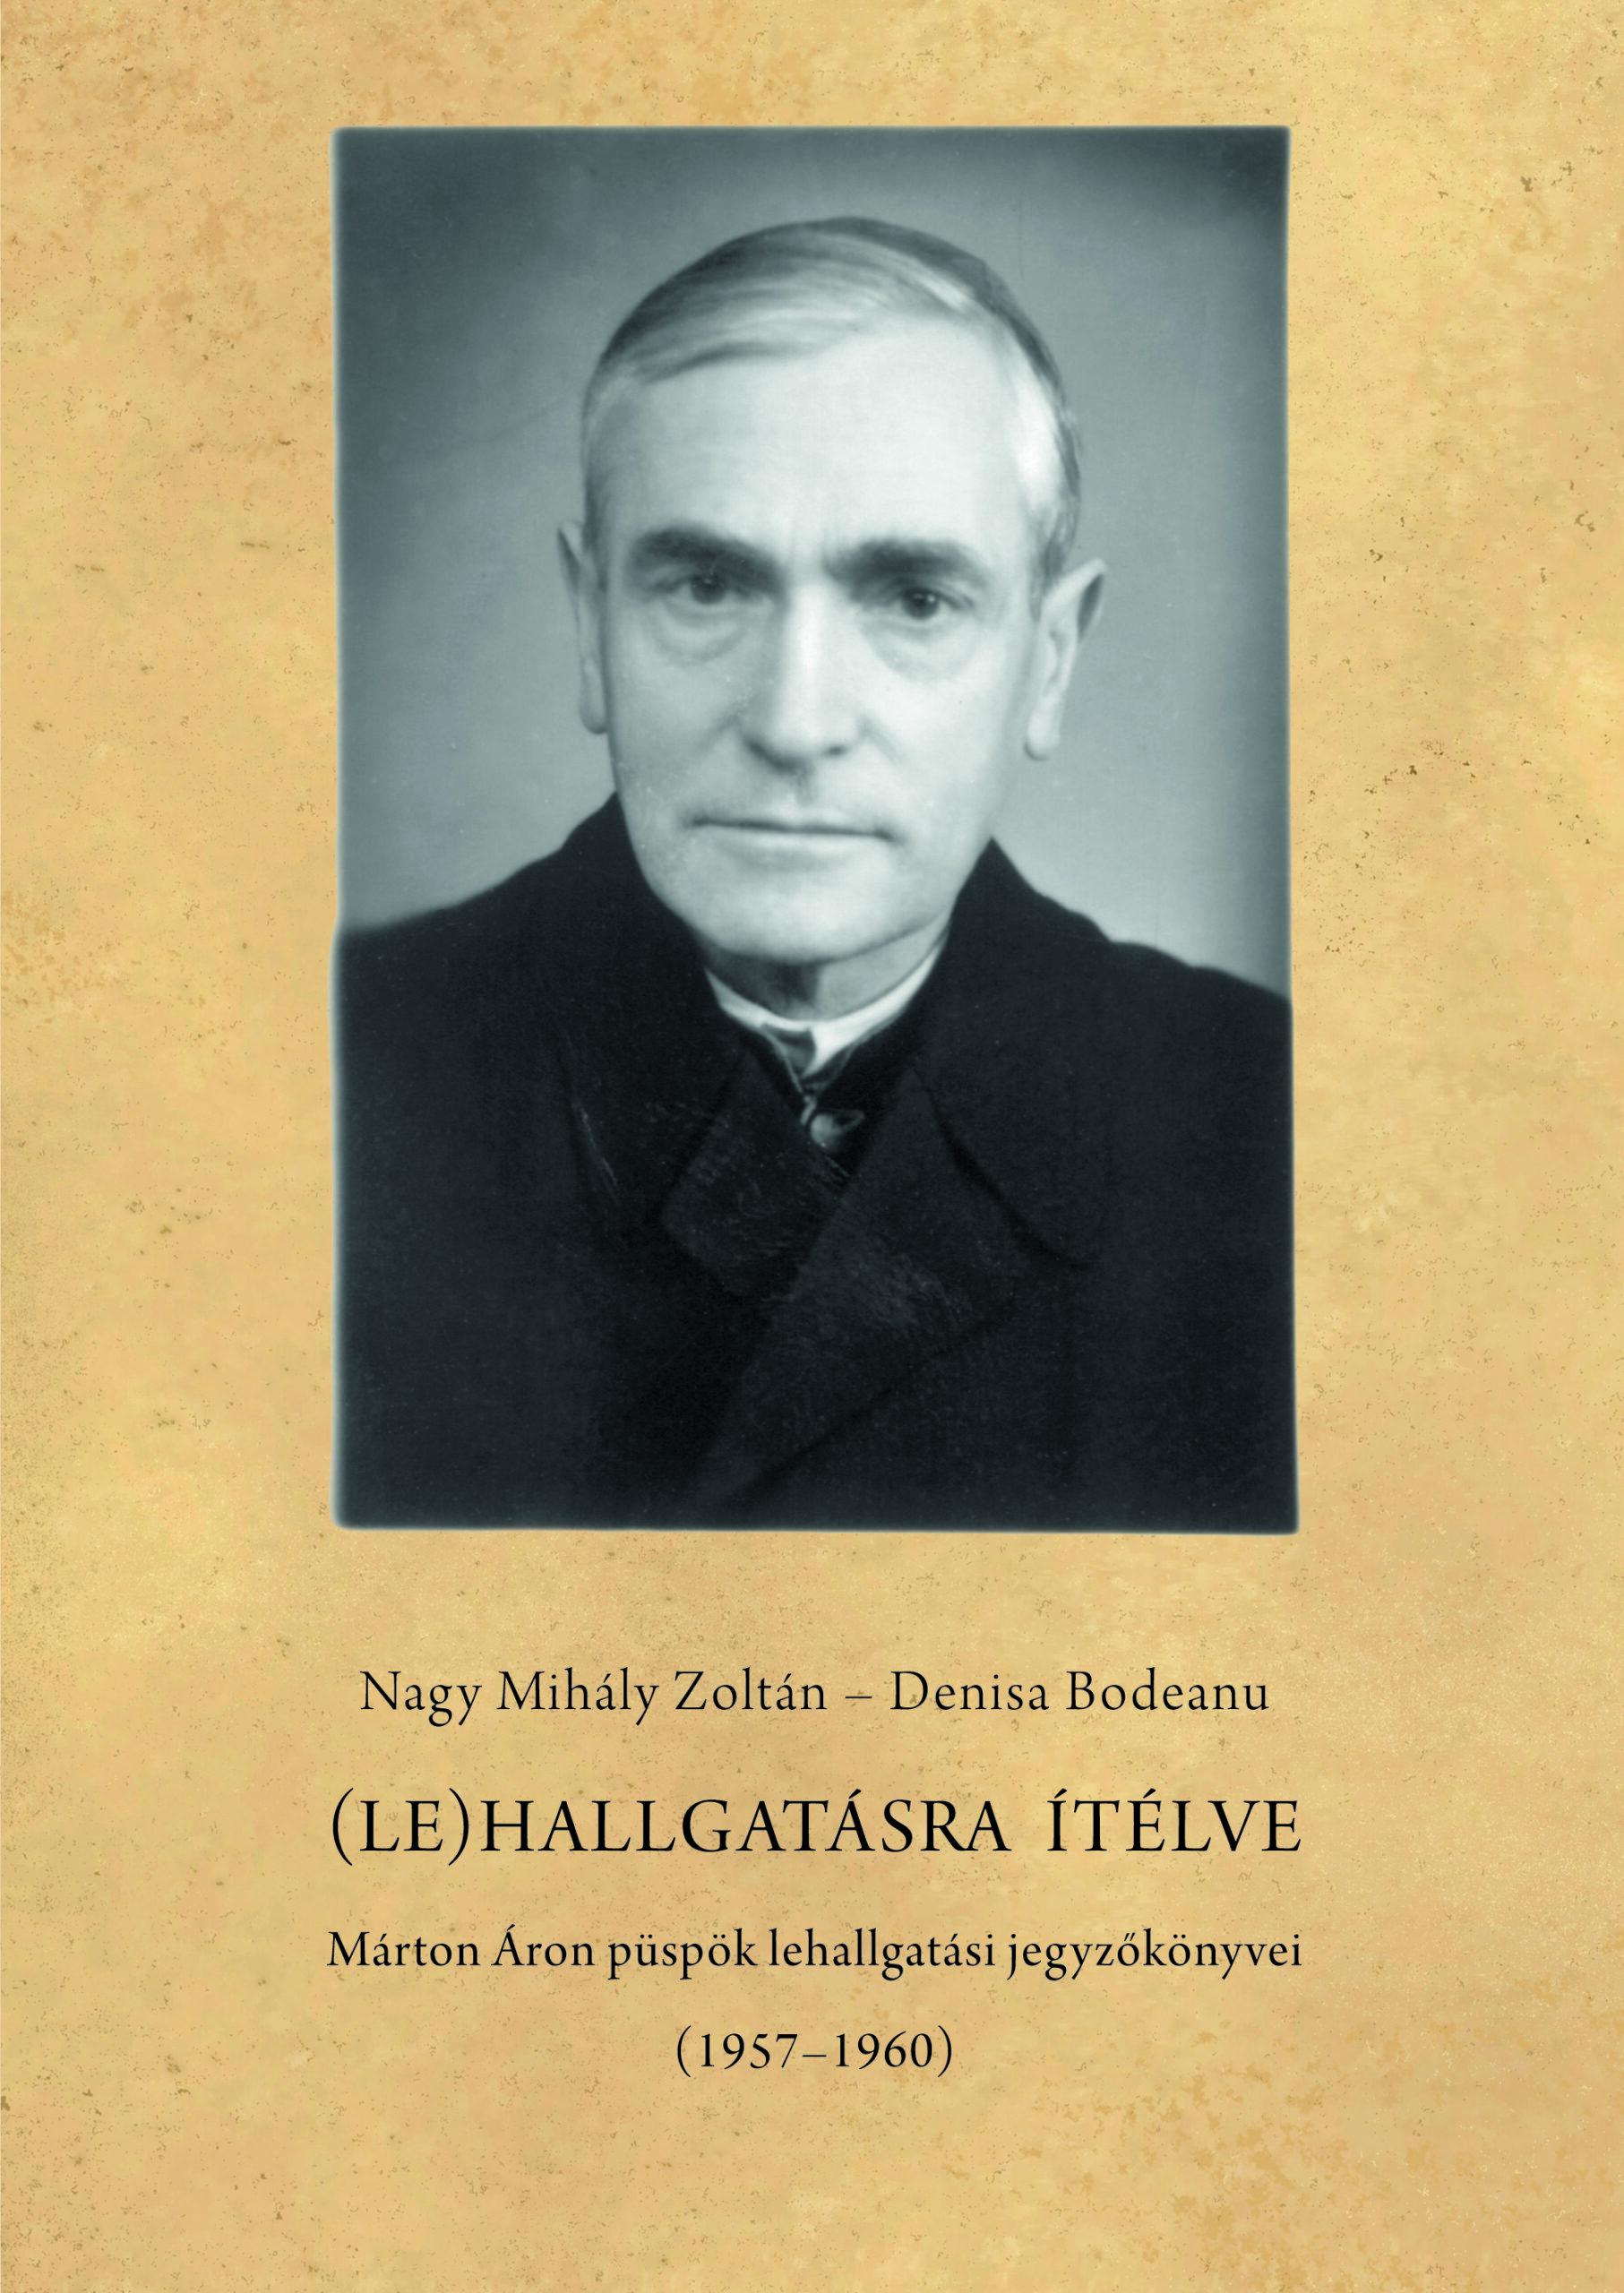 (Le)hallgatásra ítélve. Márton Áron püspök lehallgatási jegyzőkönyvei (1957-1960)